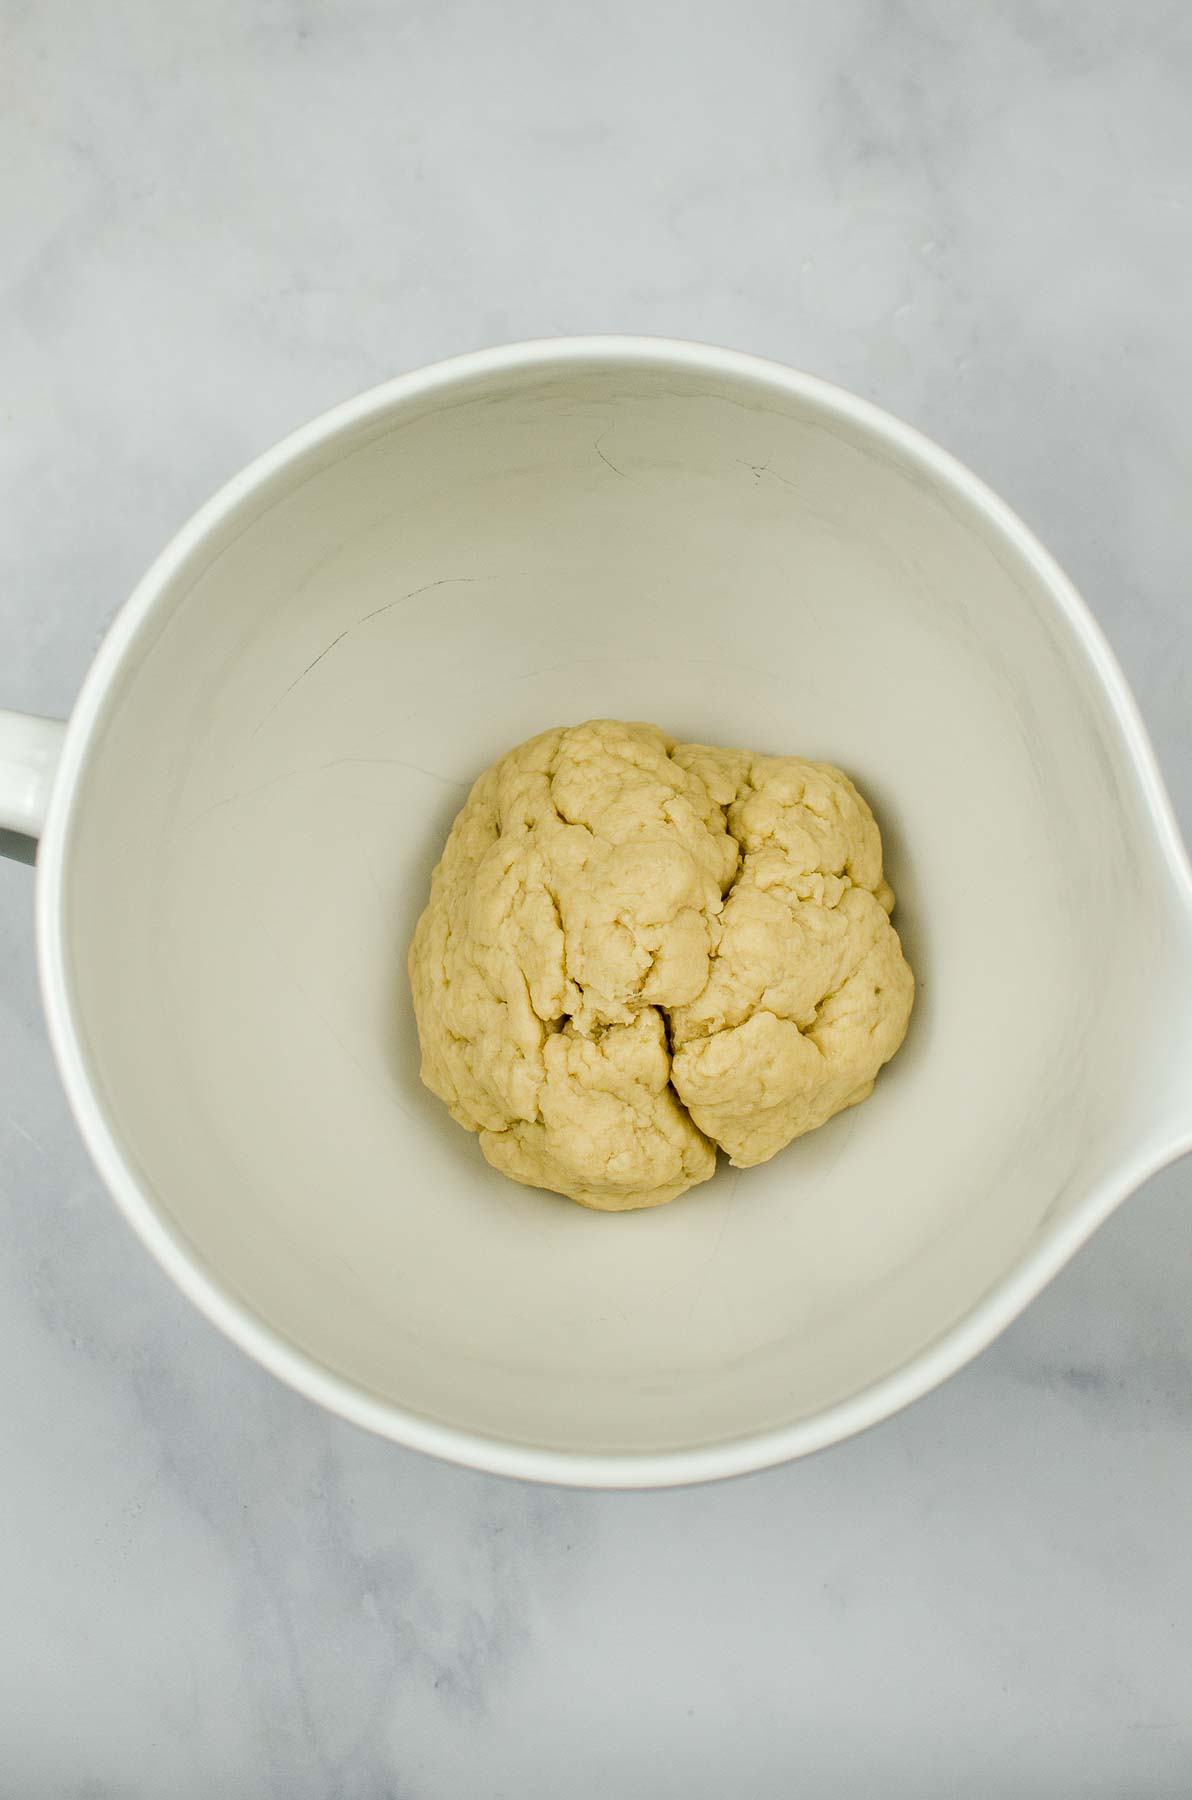 Flour tortilla dough rolled into a ball.